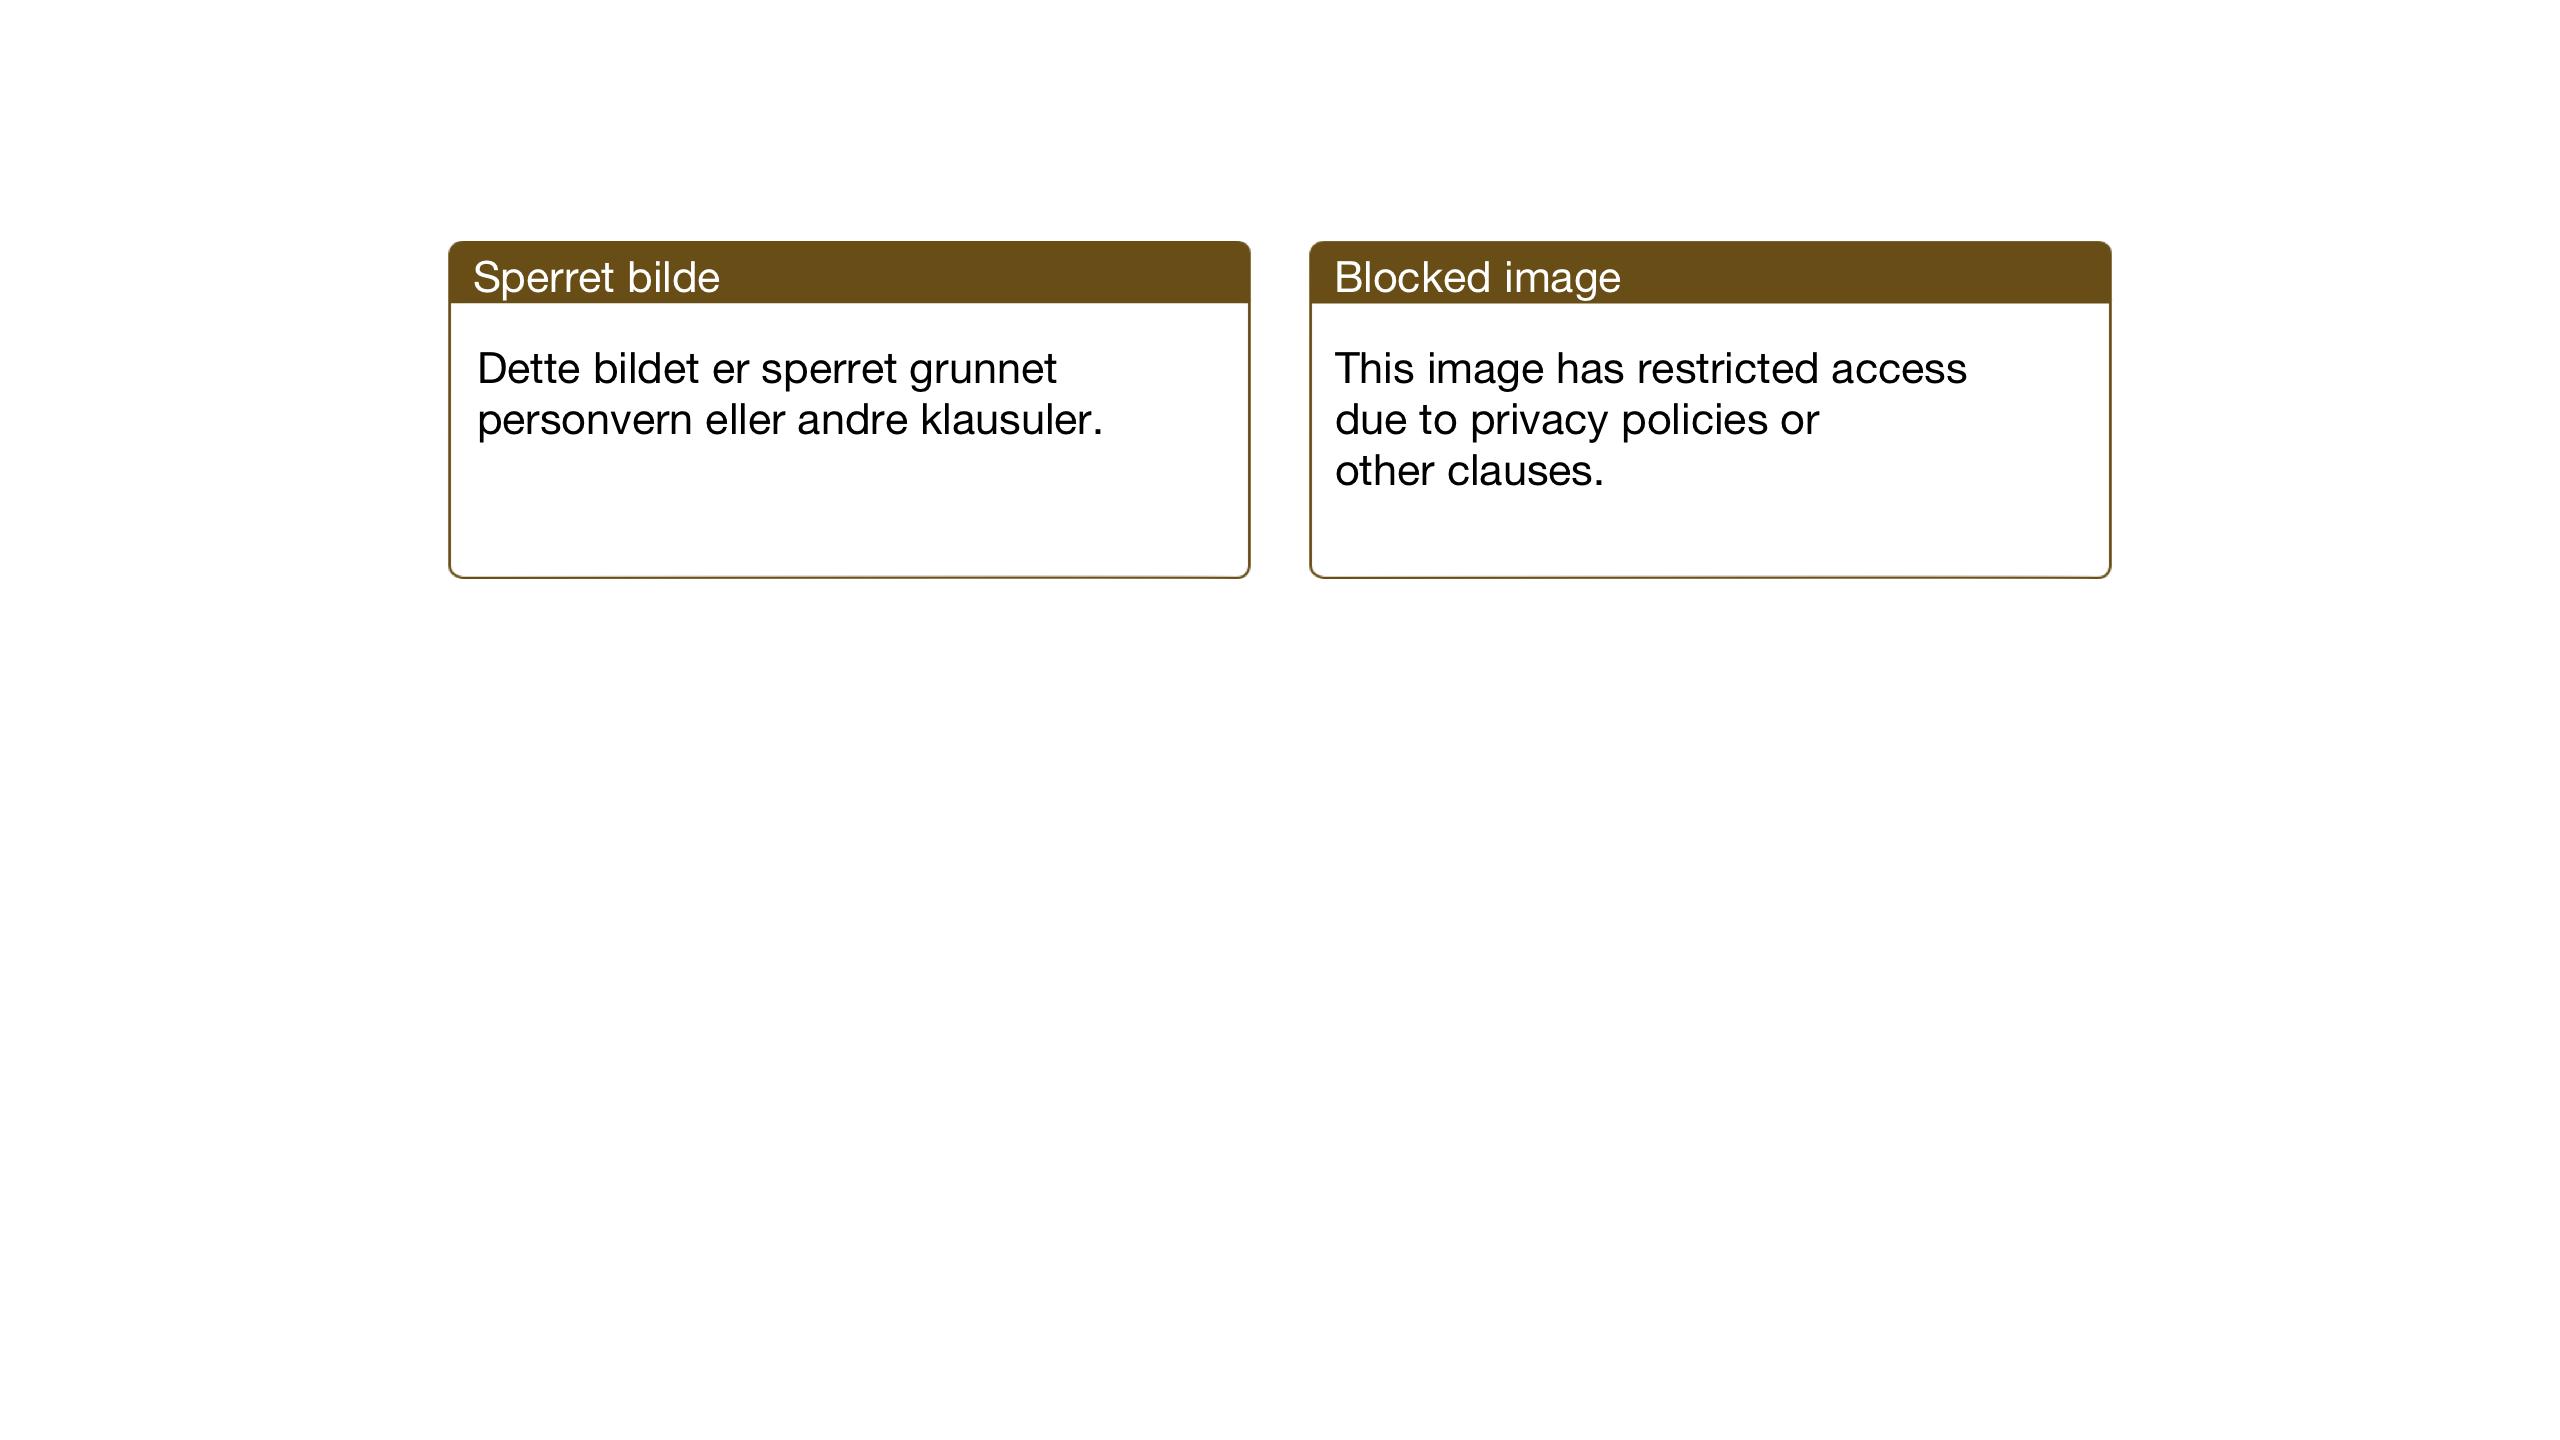 SAT, Ministerialprotokoller, klokkerbøker og fødselsregistre - Sør-Trøndelag, 655/L0690: Klokkerbok nr. 655C06, 1937-1950, s. 17